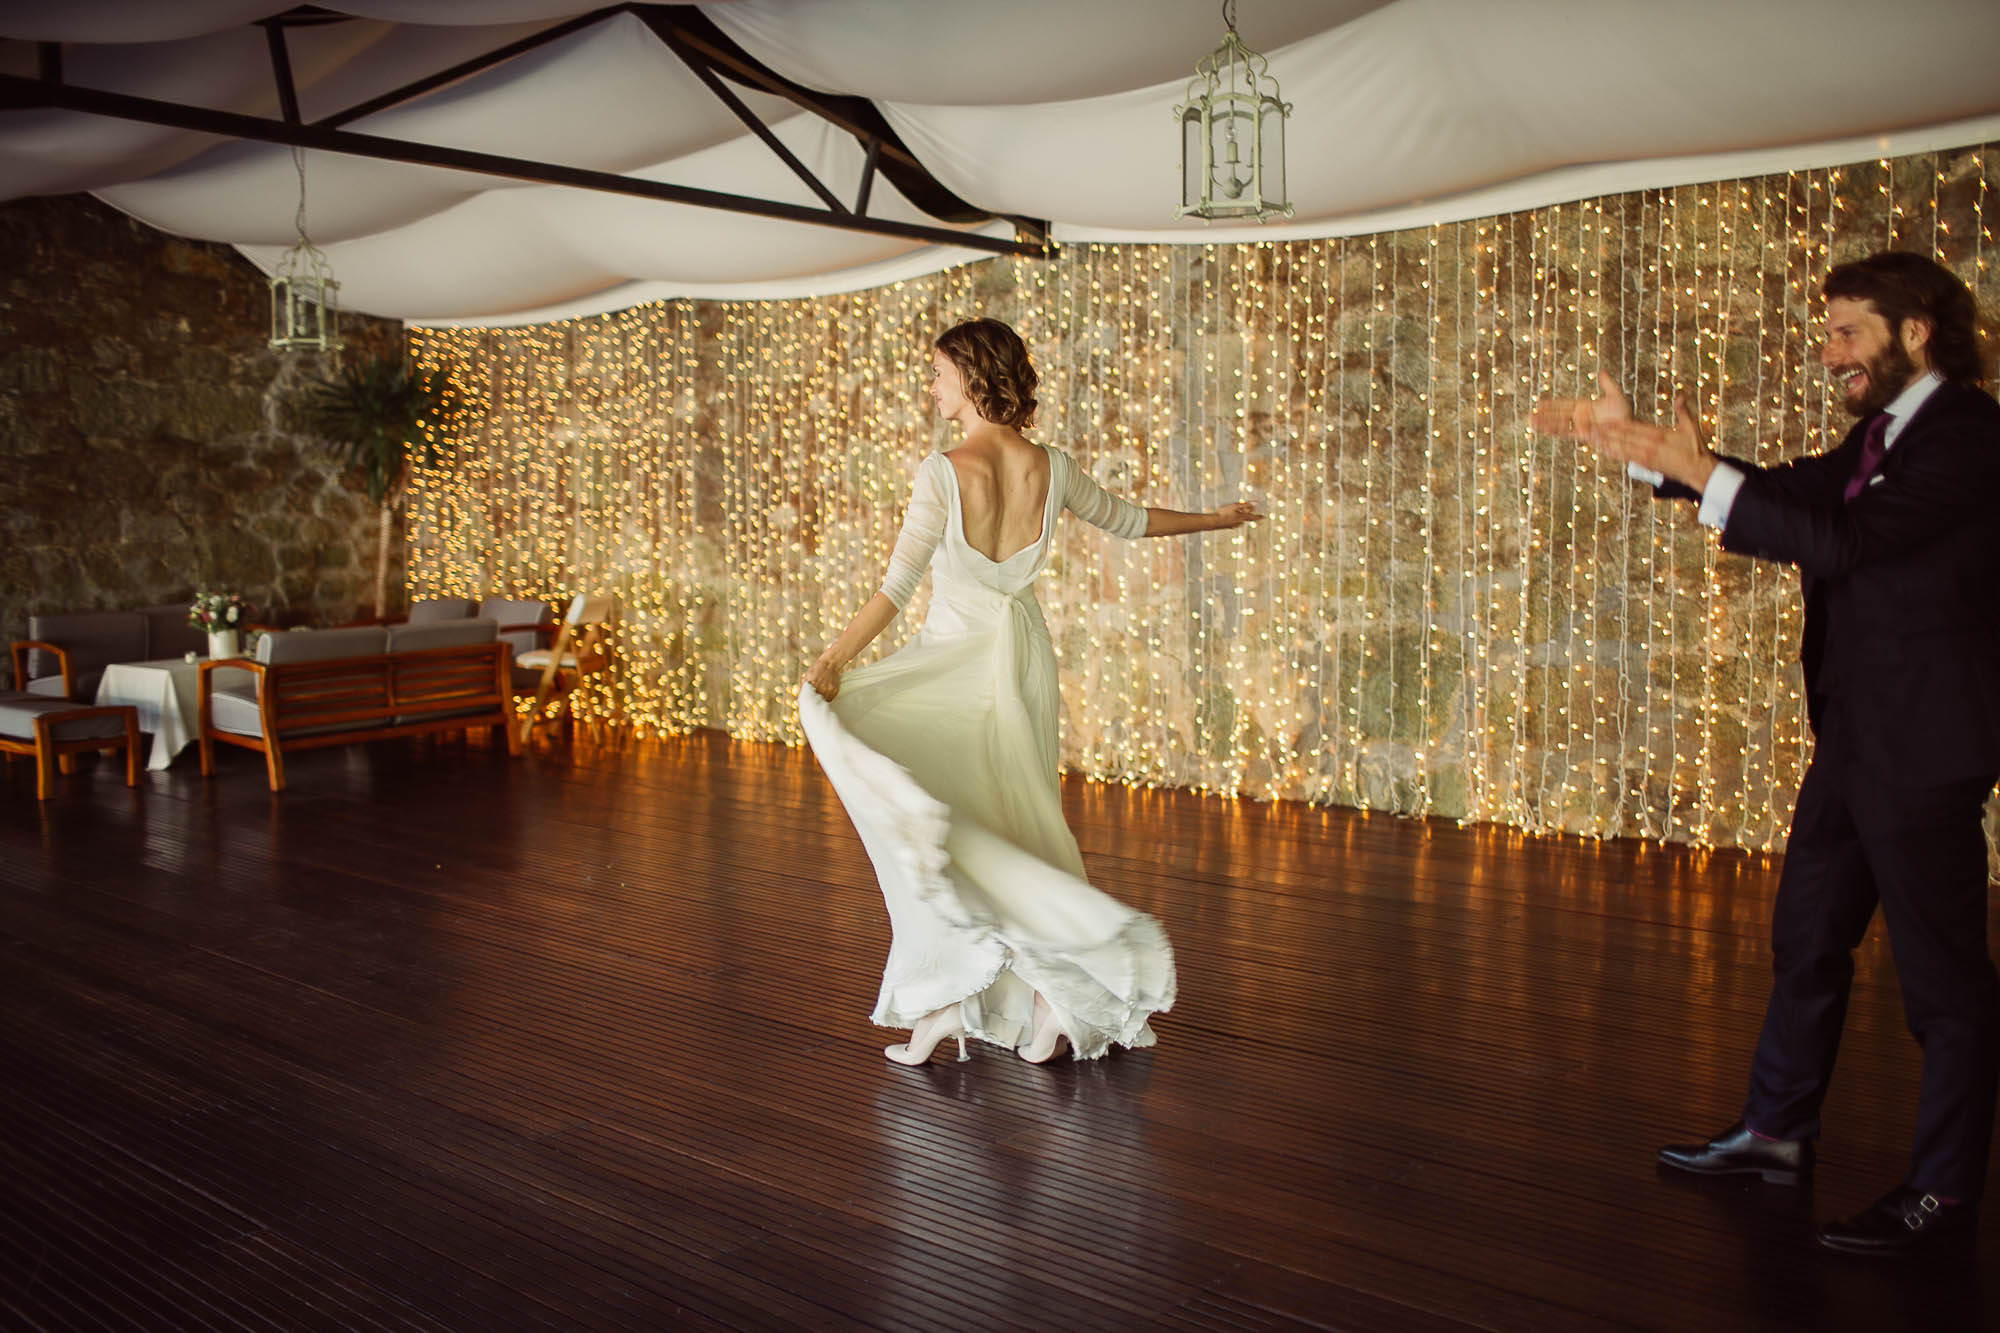 El novio aplaudiendo mientras su mujer da un paso de baile en el centro de la pista